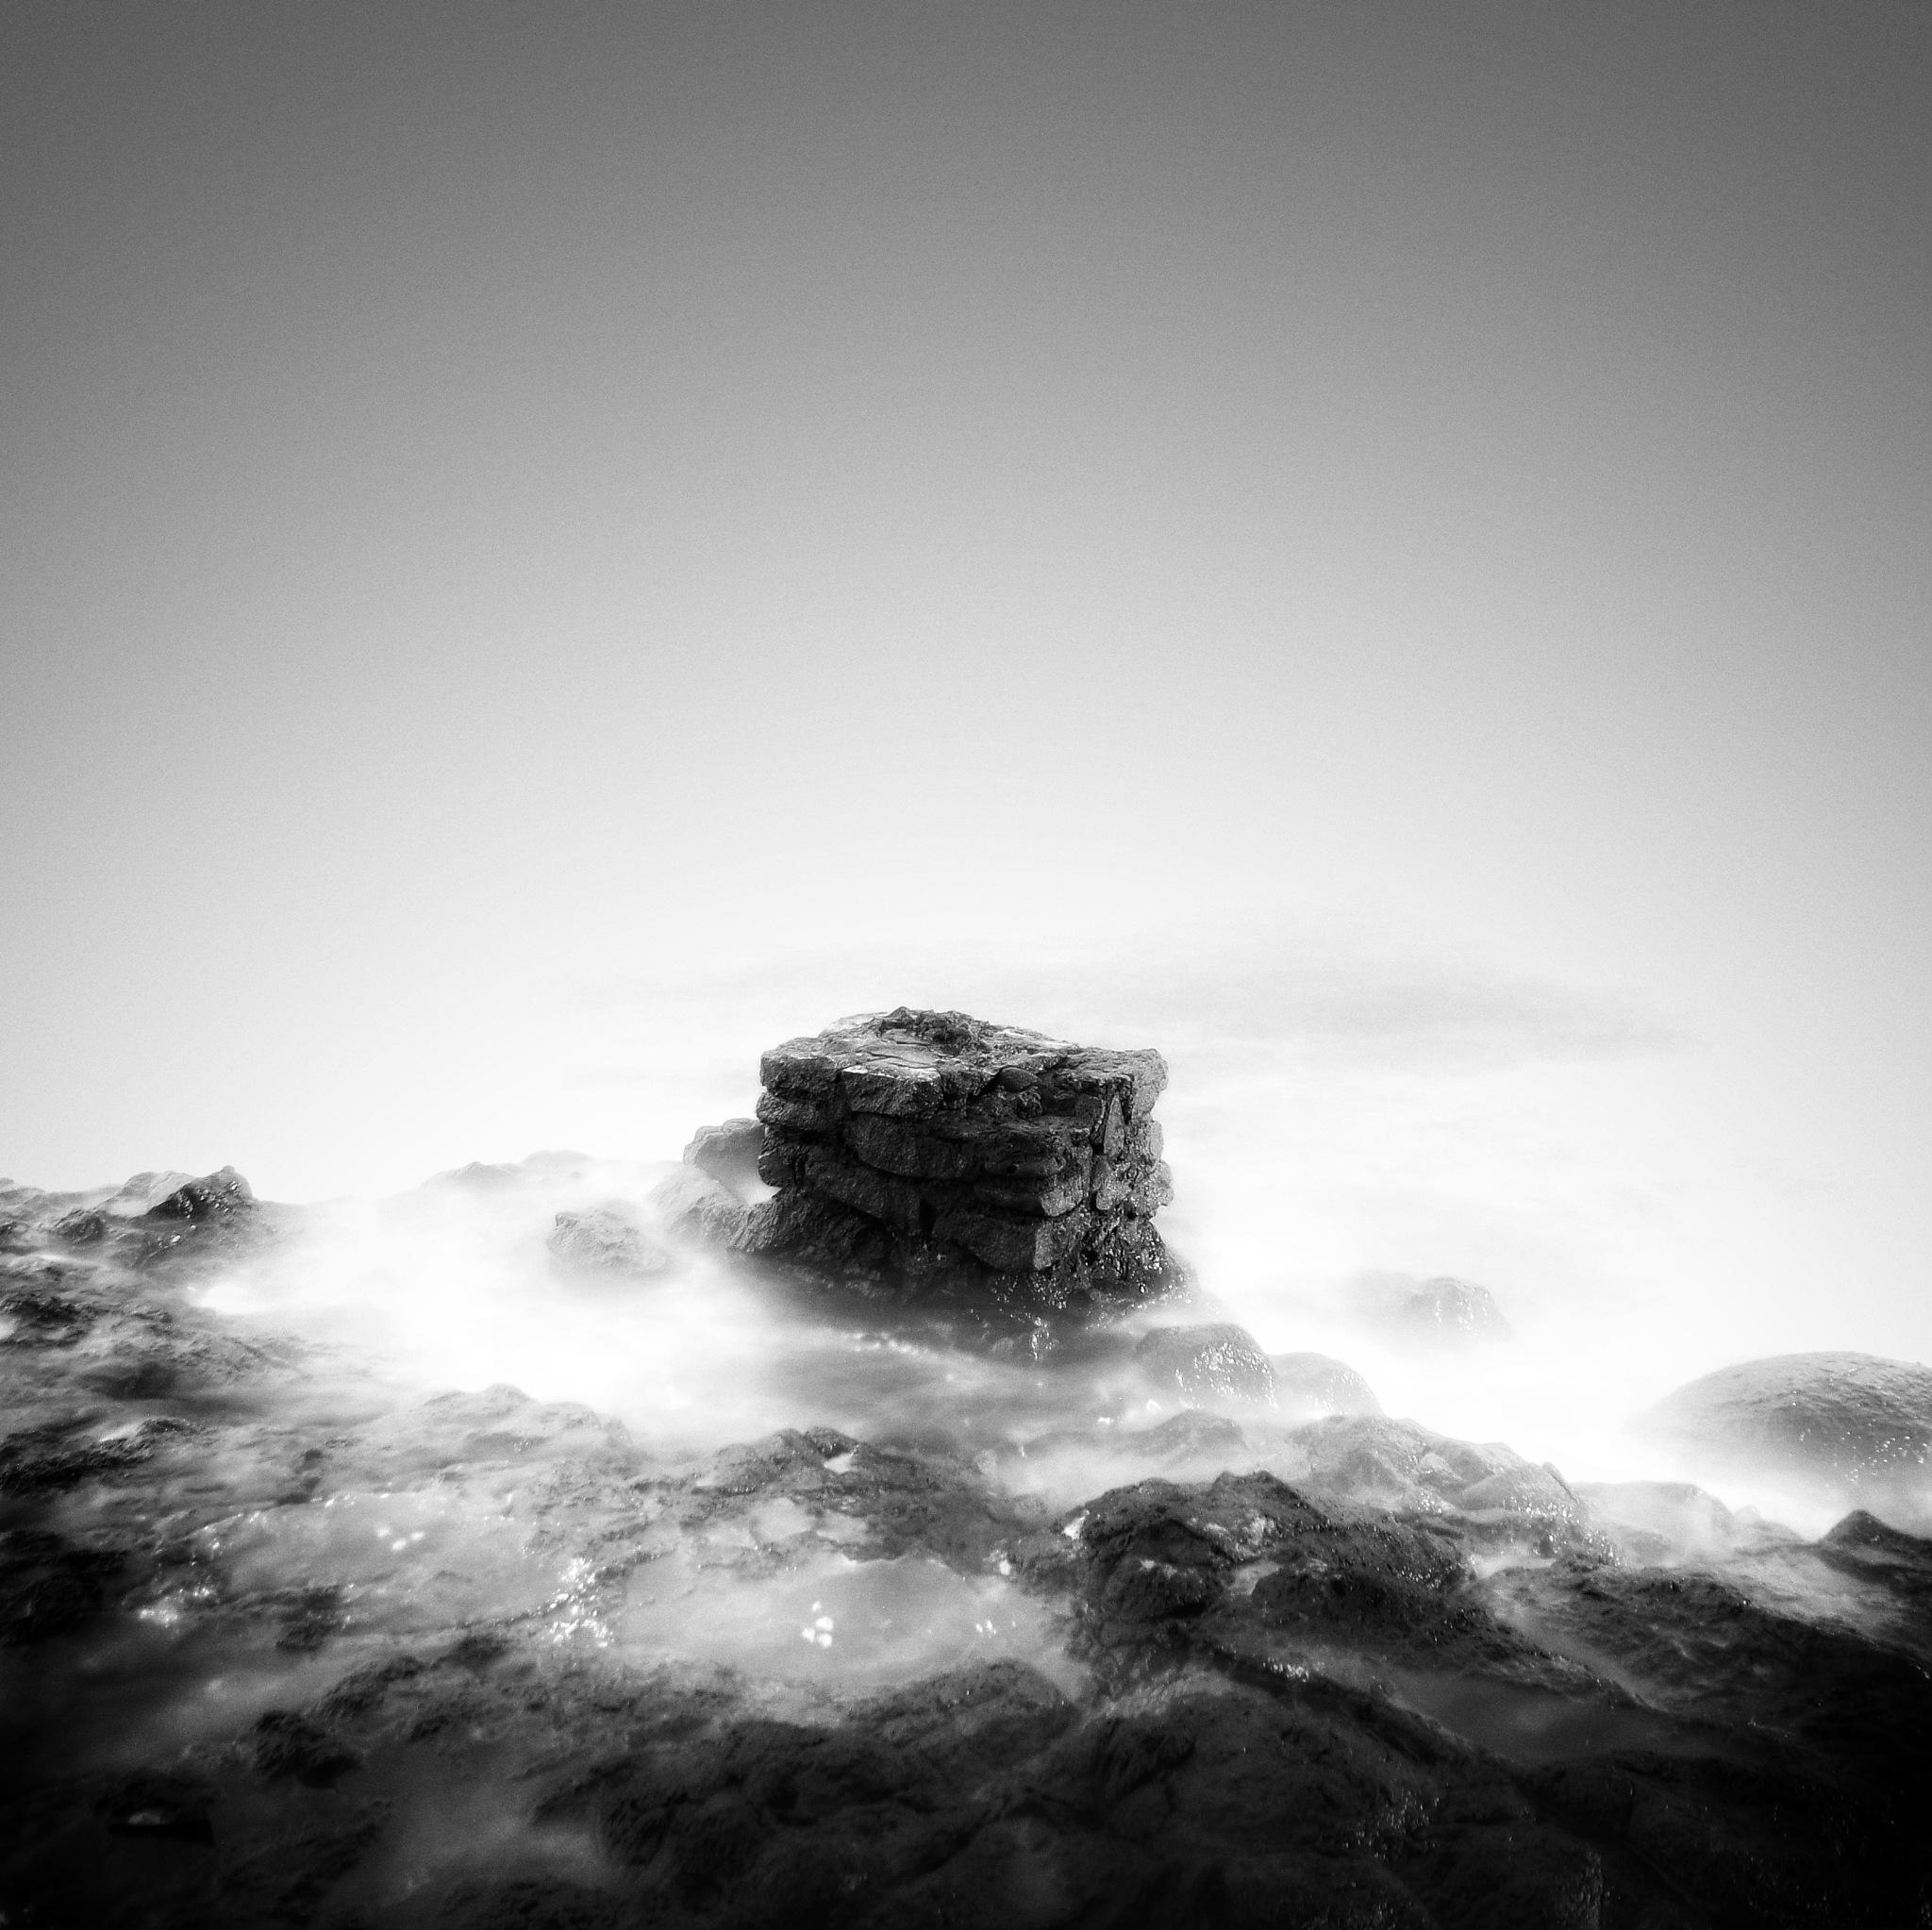 Lost temple by Enod Duatiga Wiguna